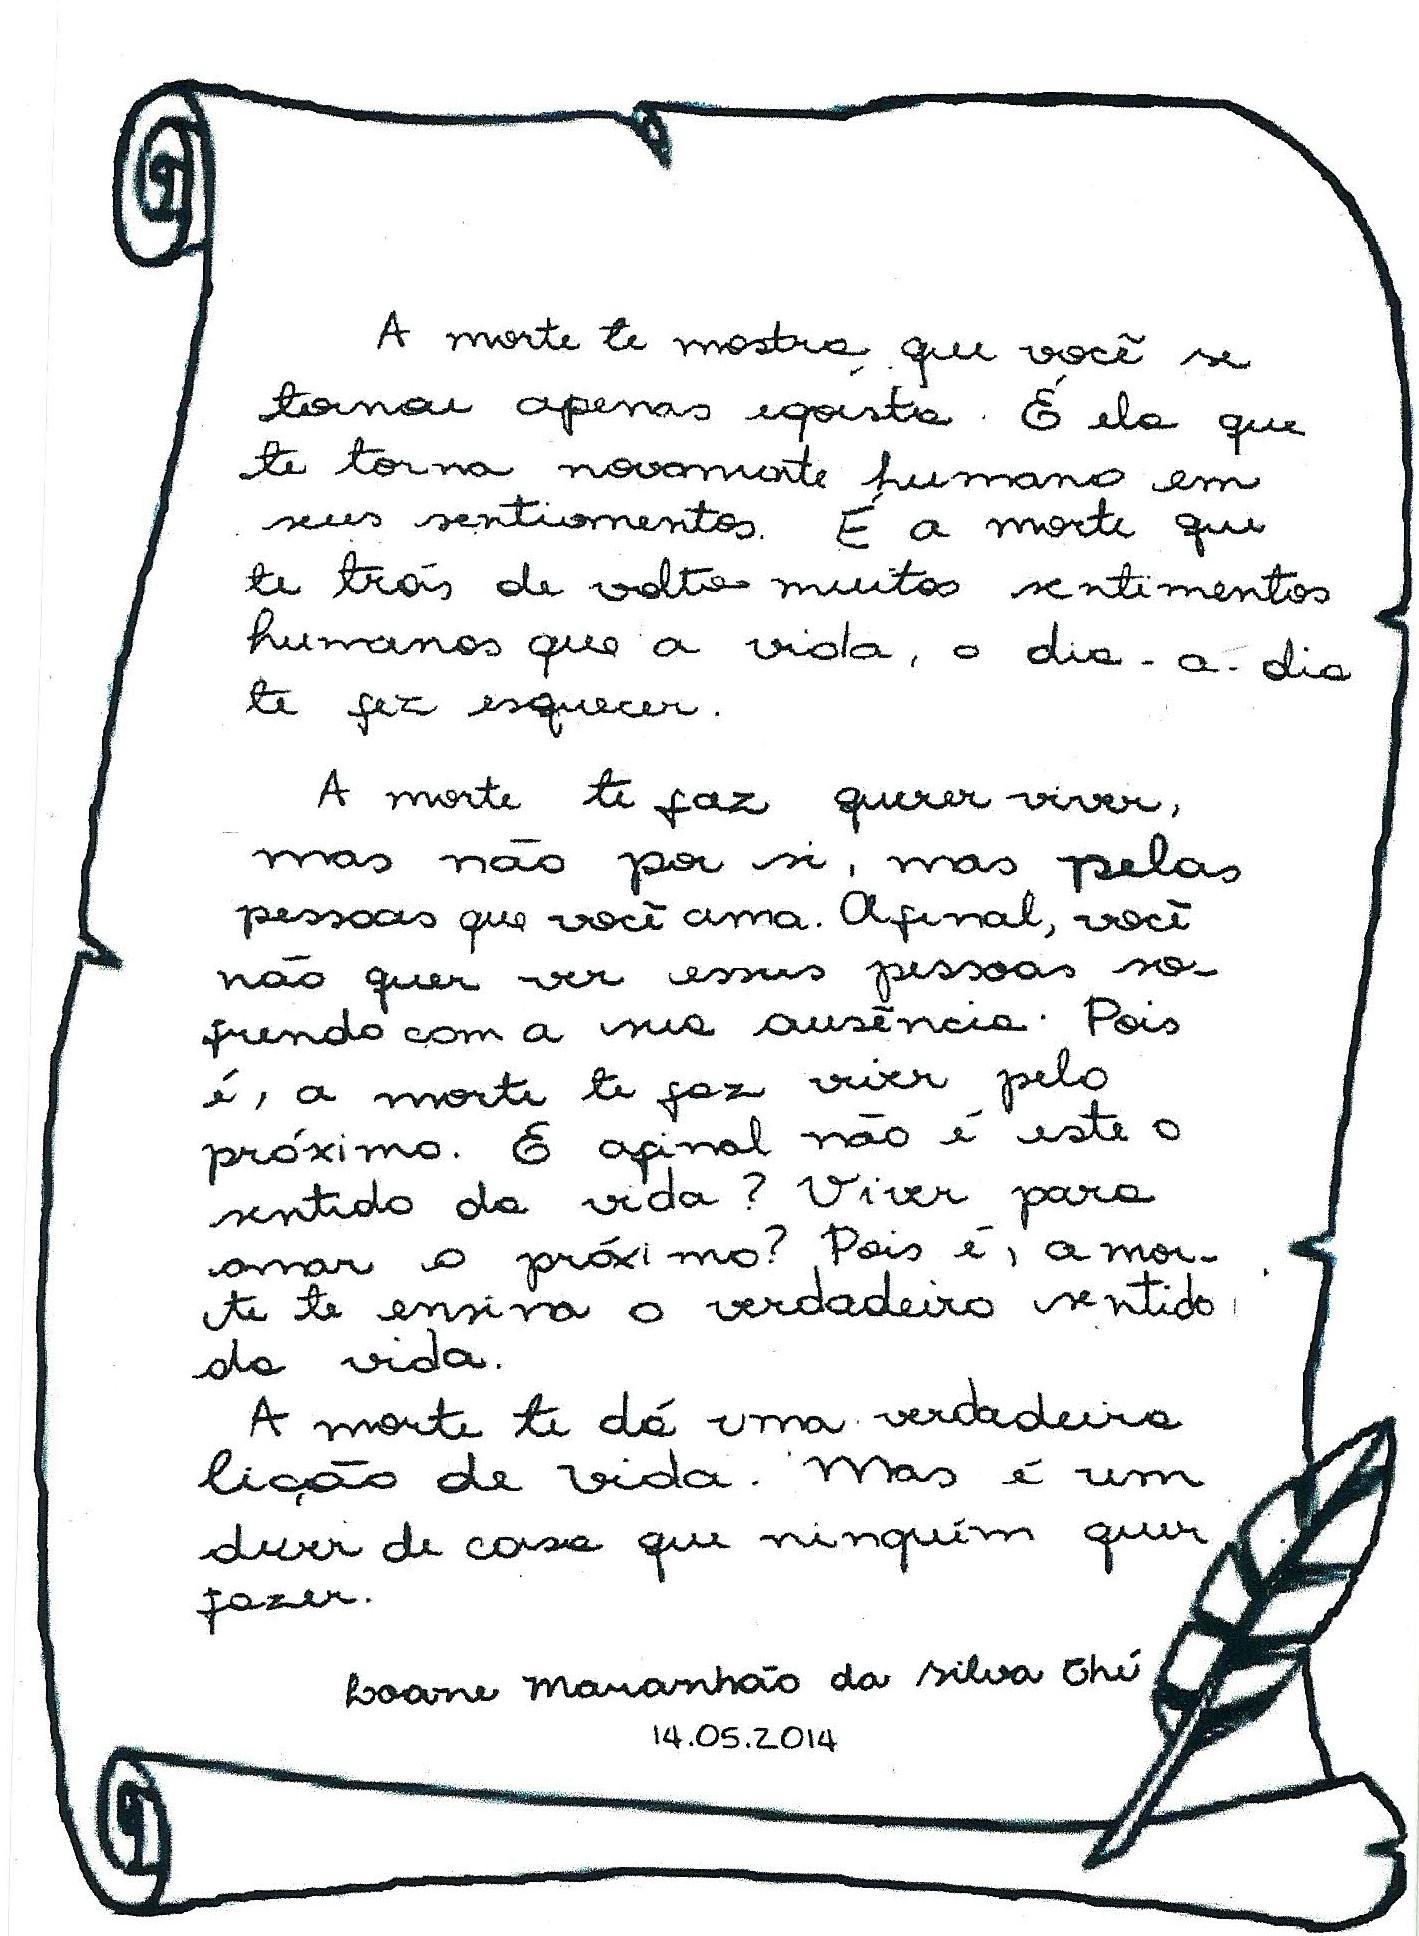 G1 Escrivã Escreveu Poema Sobre Morte E Mãe Diz Que Foi Uma